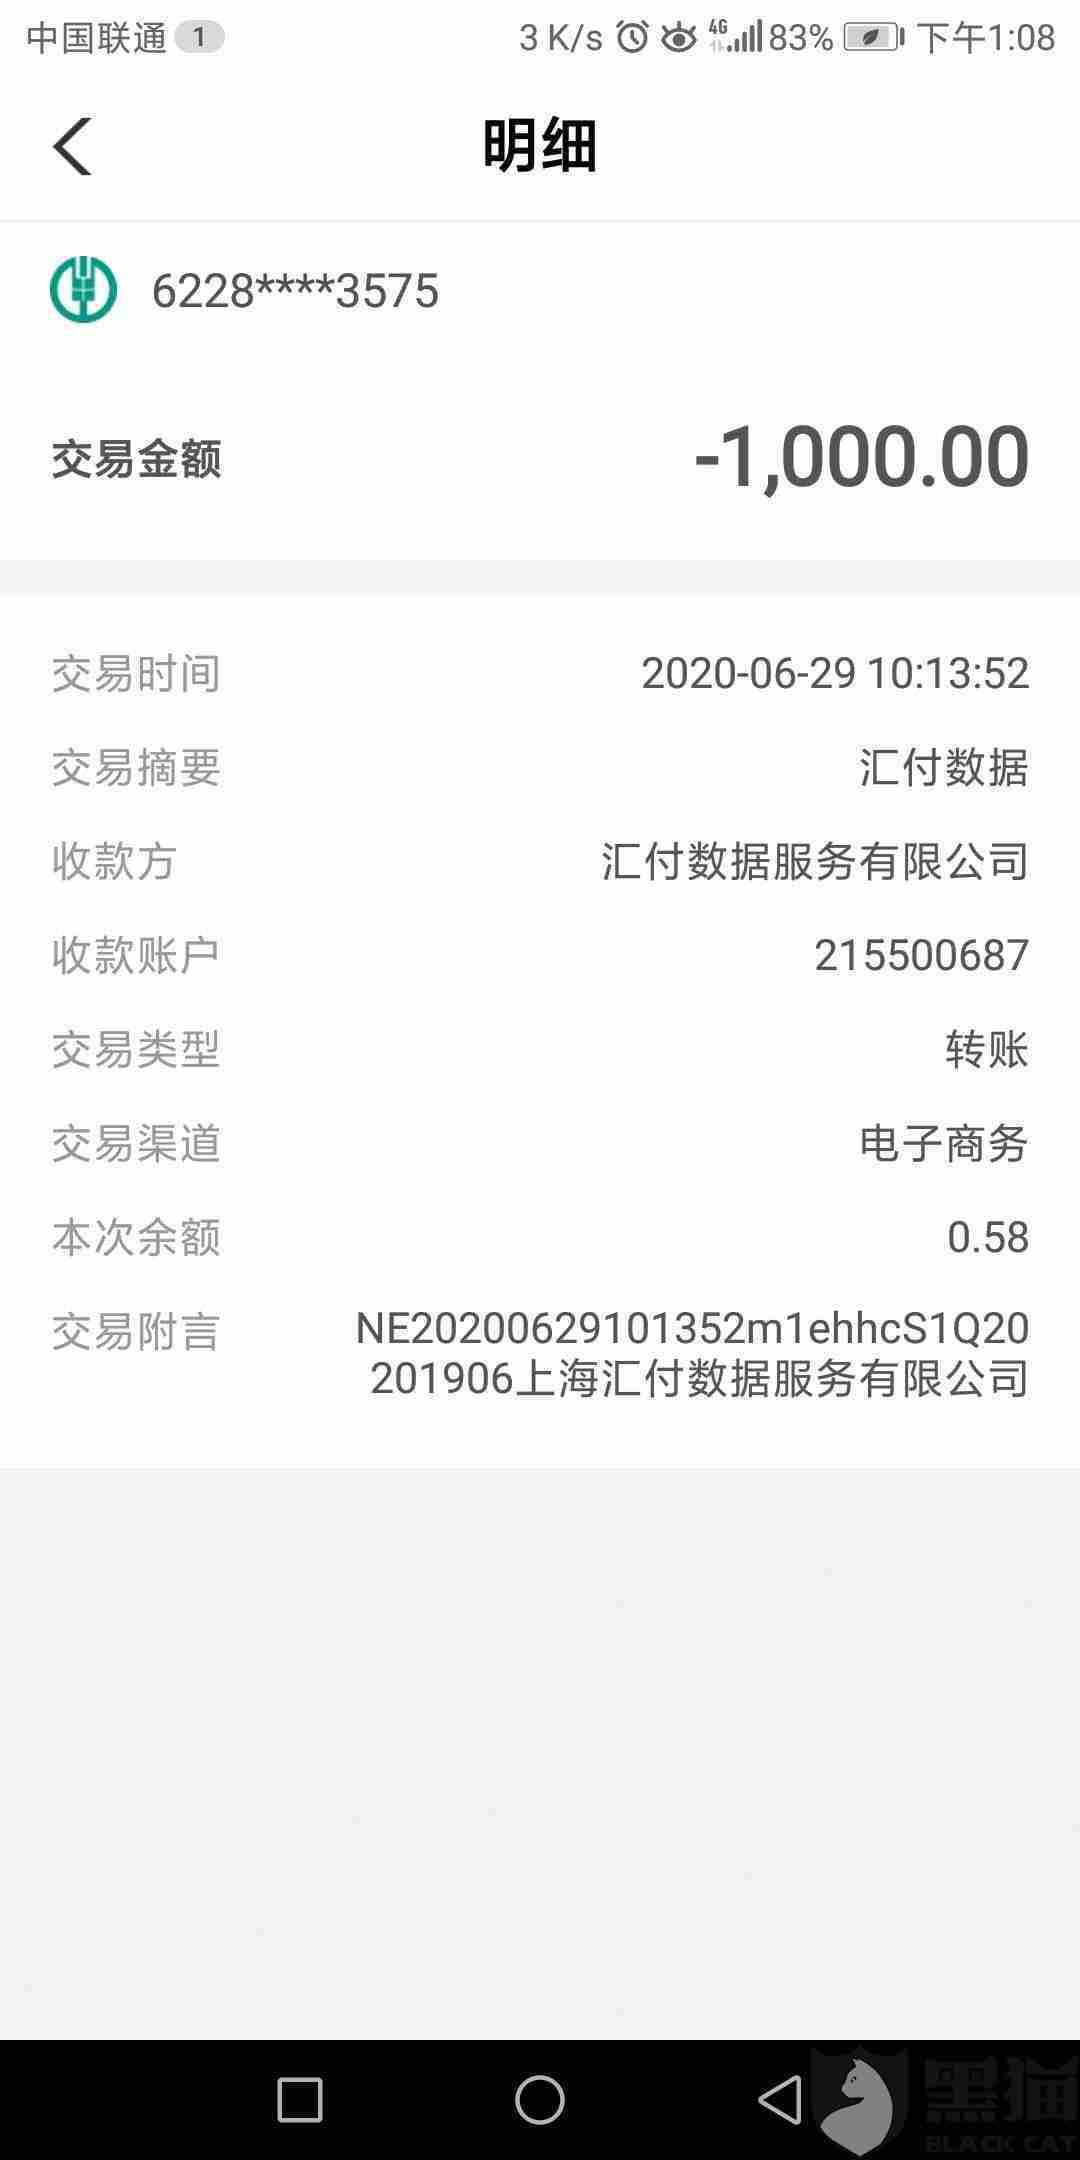 黑猫投诉:上海汇付数据服务有限公司盗刷银行卡